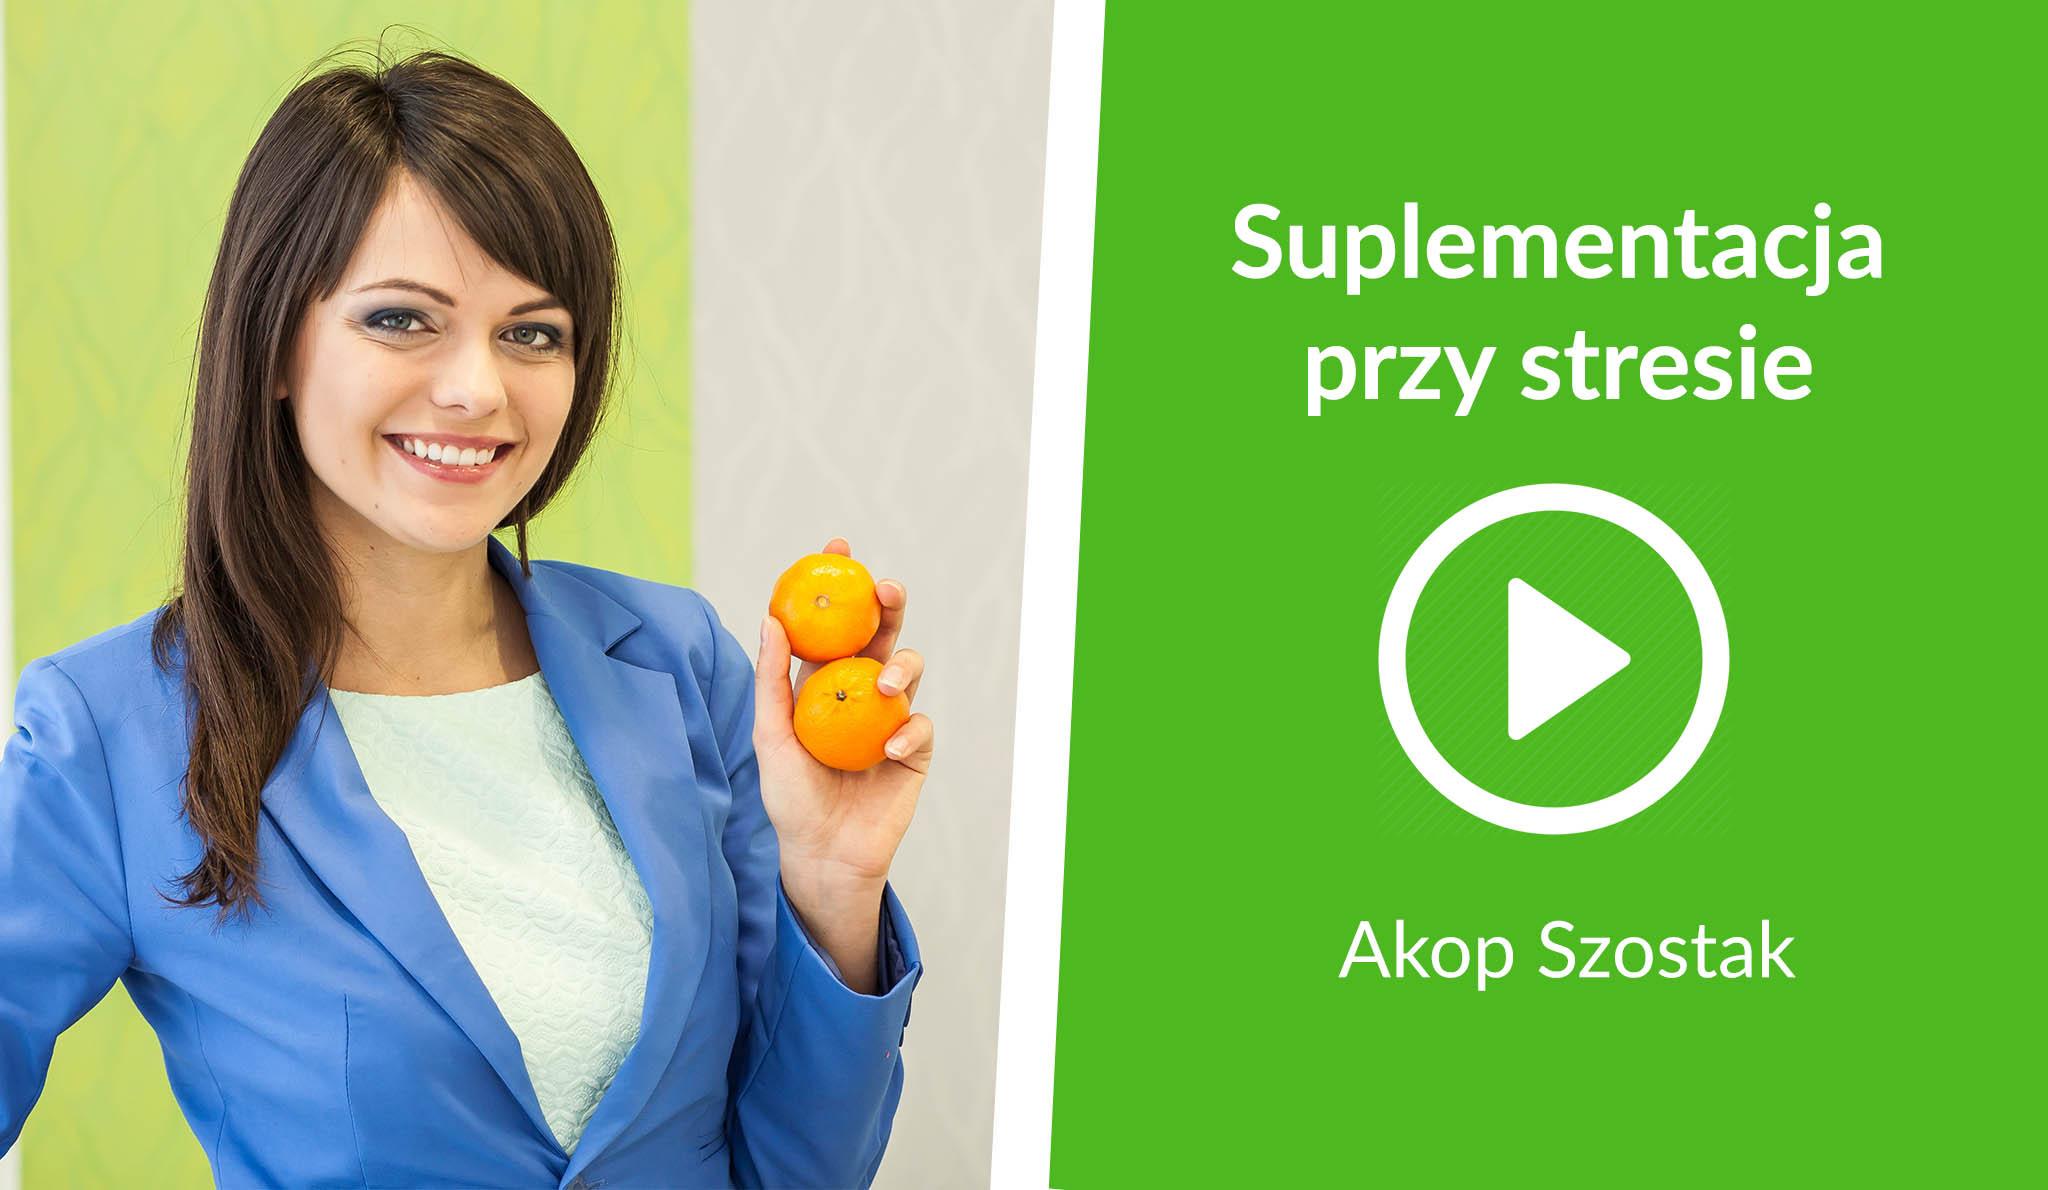 [Wideo] Medfood: Kilka rad dla was odnośnie stresu – Akop Szostak